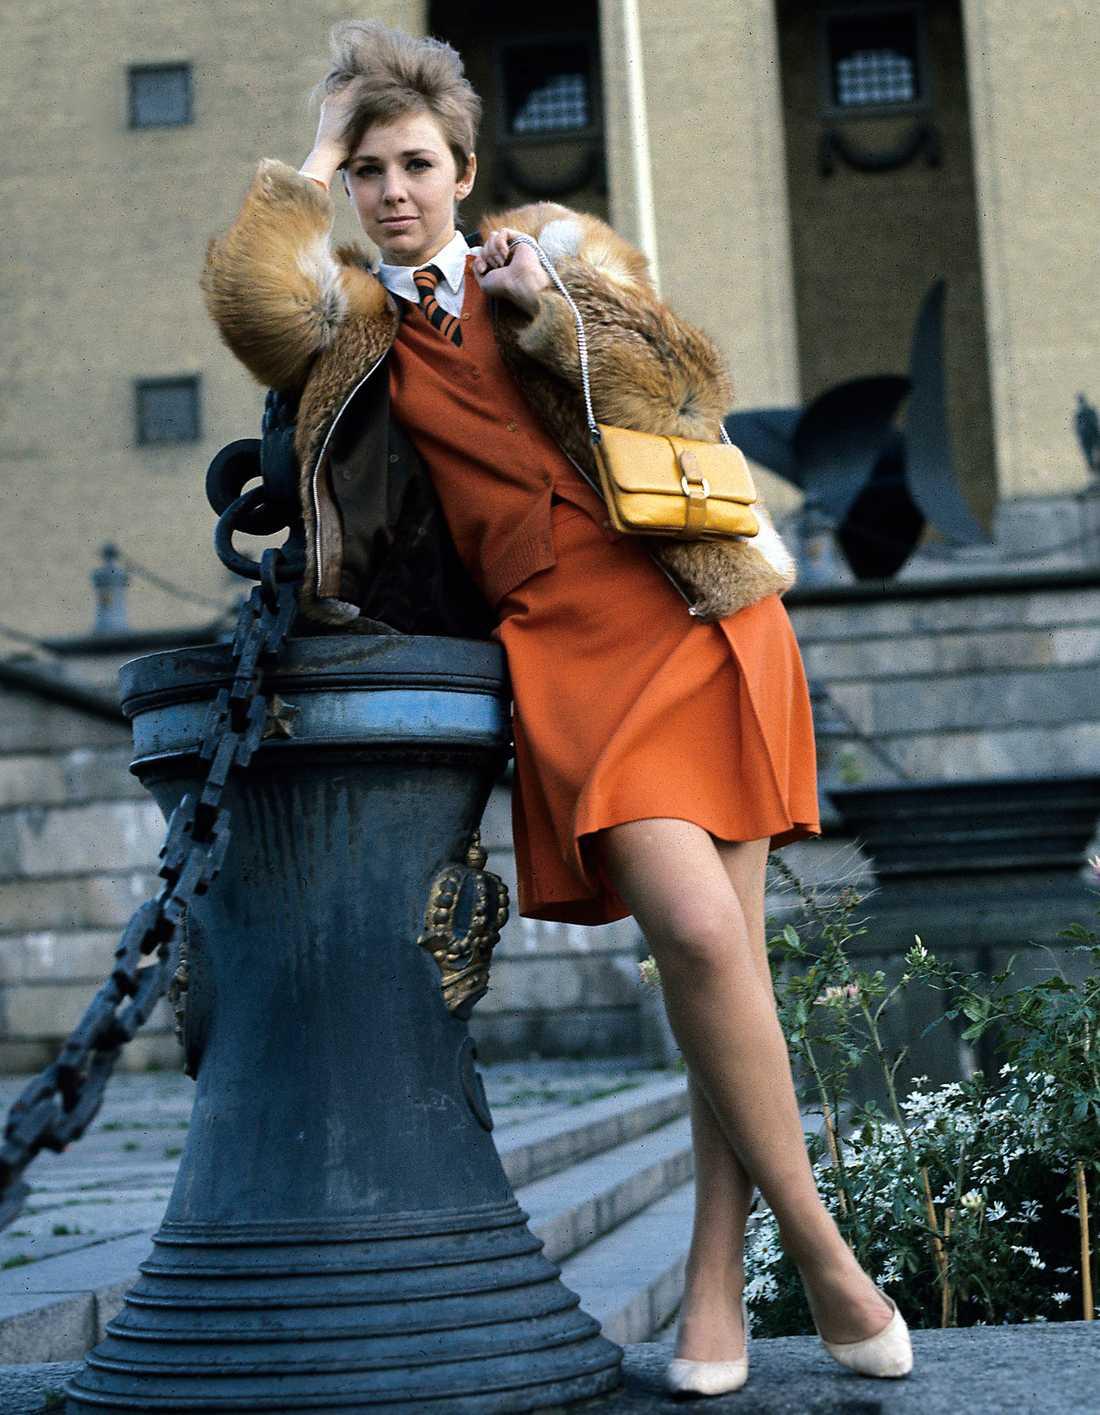 Anita Lindblom 1967 PB: Anita Lindbloms stil är en perfekt blandning av flickigt och pojkigt. En cool 60-talslook som med ett annat par skor skulle funka hur bra som helst år 2014.  NJ: Wow, vilka sköna brit-vibbar man får av det här. Jag tänker Beatles, Twiggy och London. Anita har tveklöst hittat pop-stilen som gällde på 60-talet. Hon var alltid cool med sin korta bob och gjorde ibland väldigt inspirerande klädval.